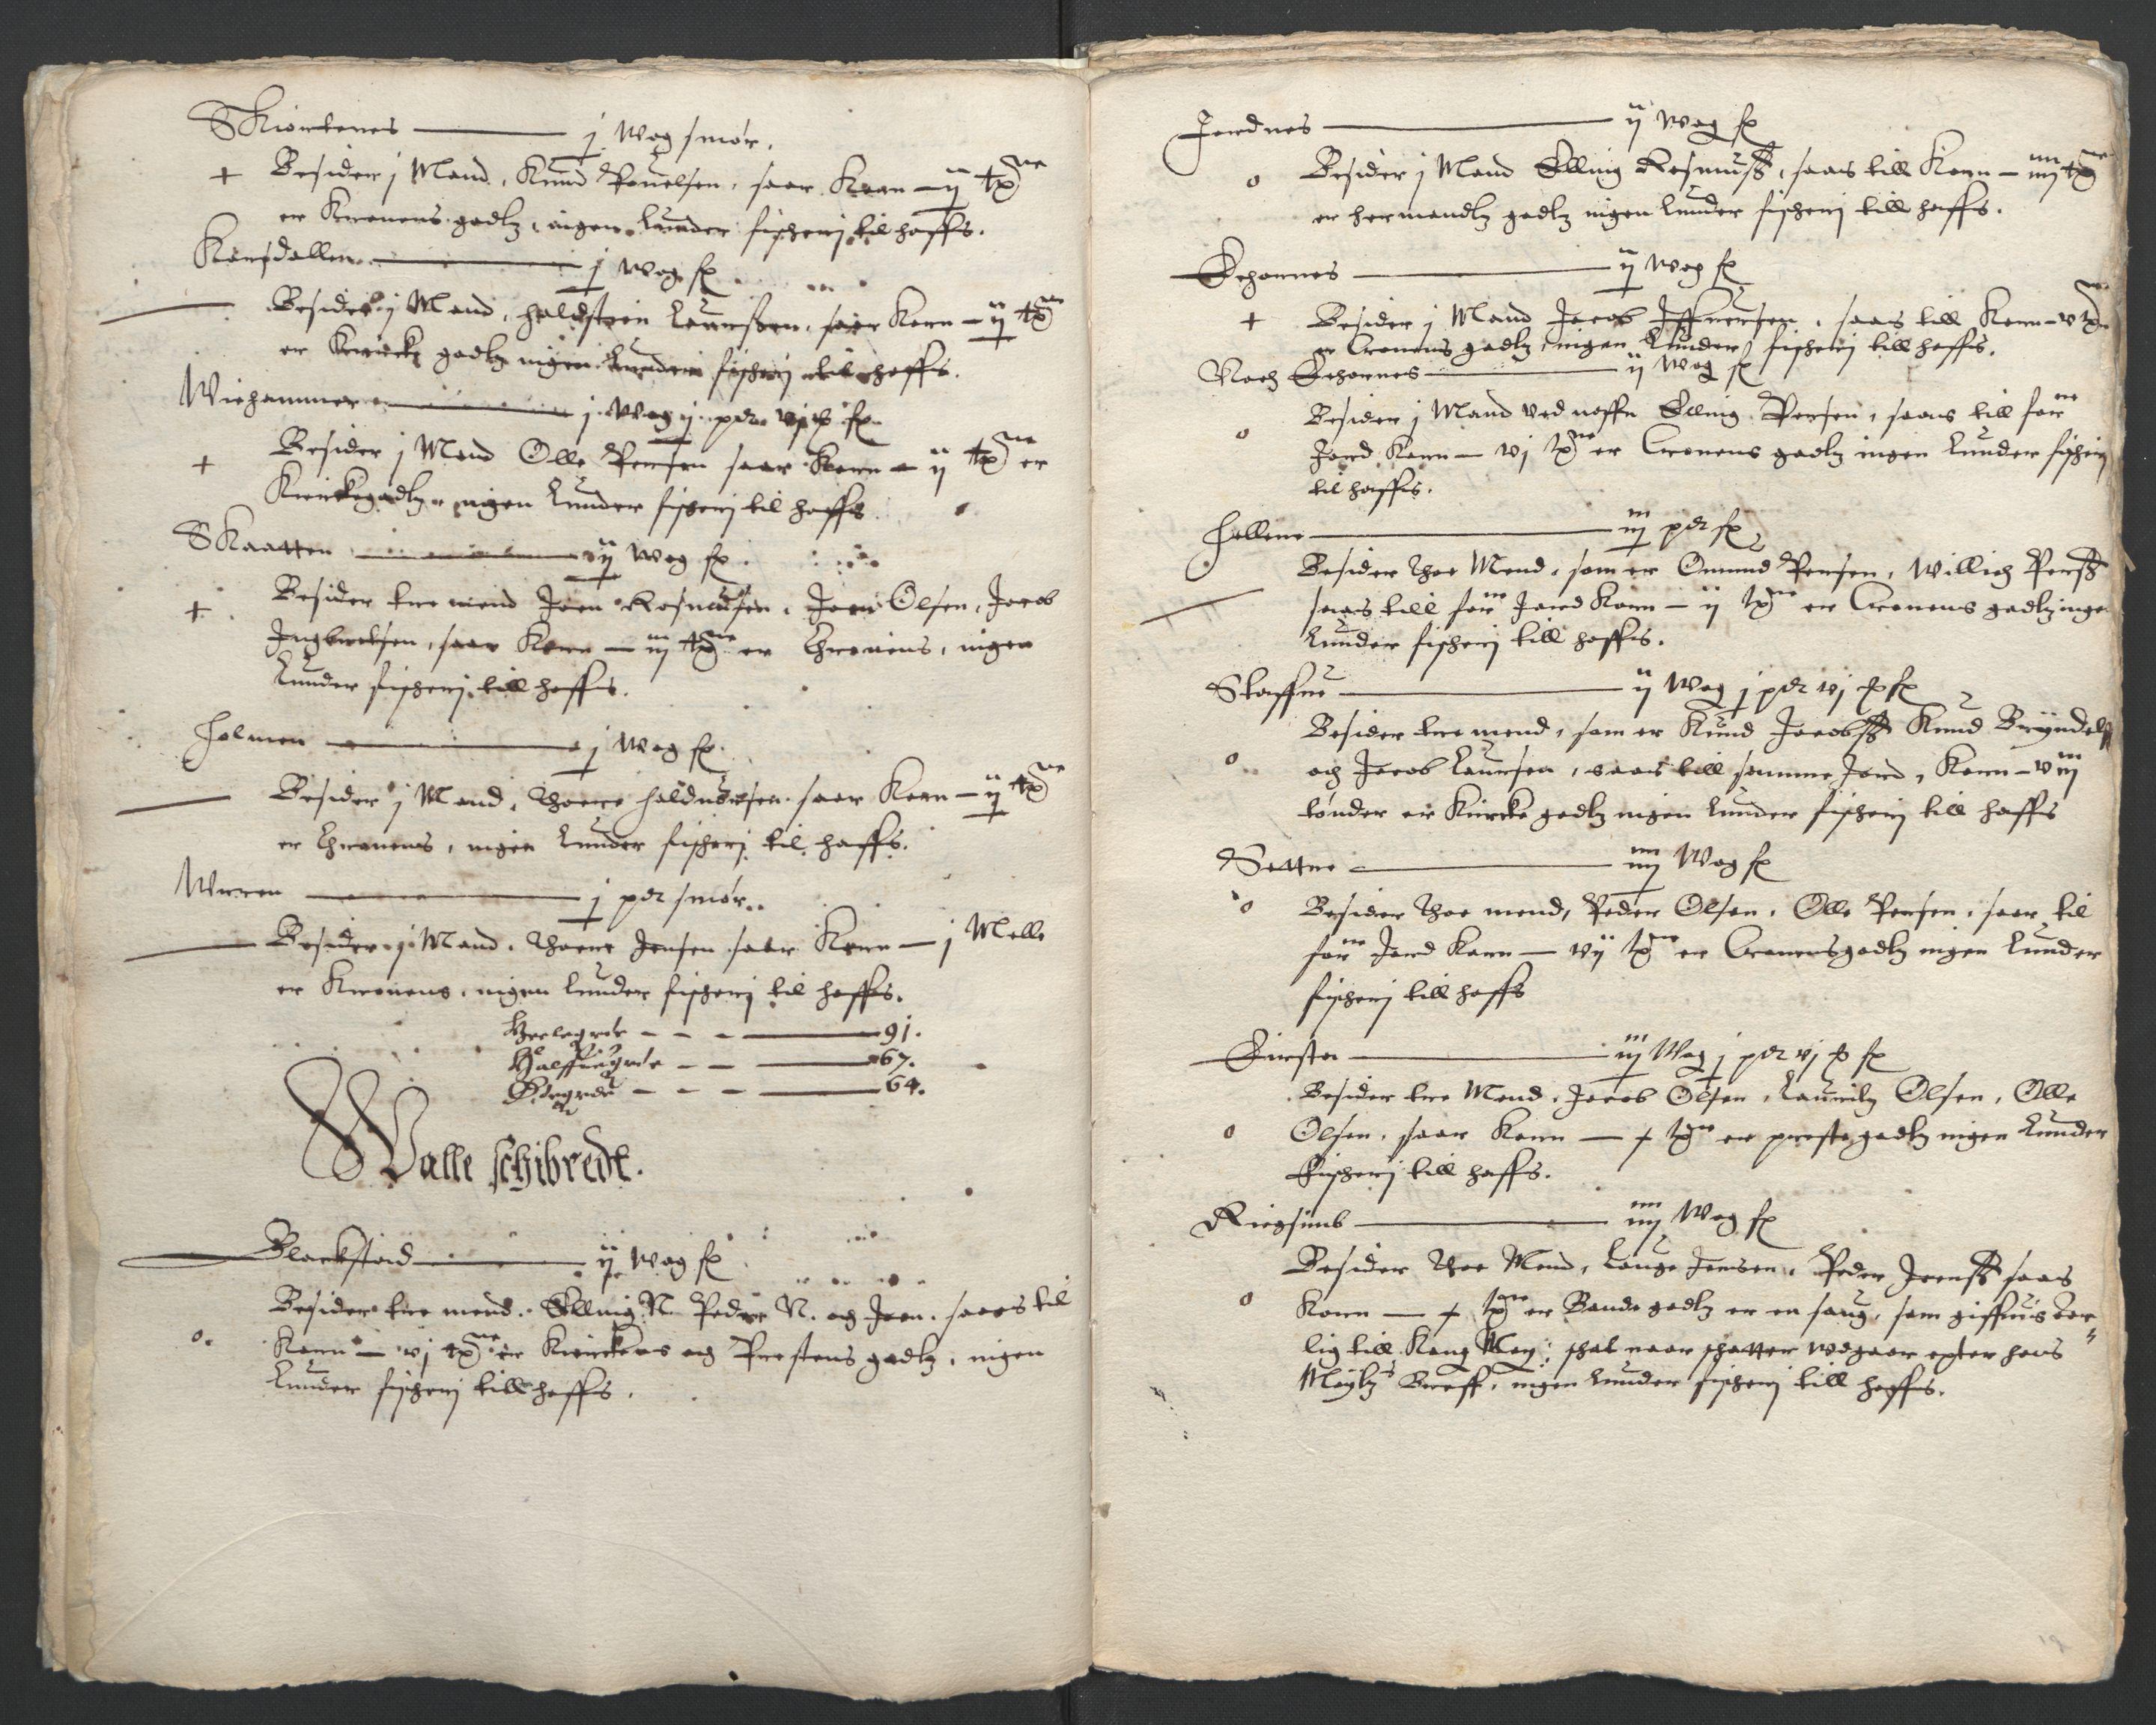 RA, Stattholderembetet 1572-1771, Ek/L0005: Jordebøker til utlikning av garnisonsskatt 1624-1626:, 1626, s. 158